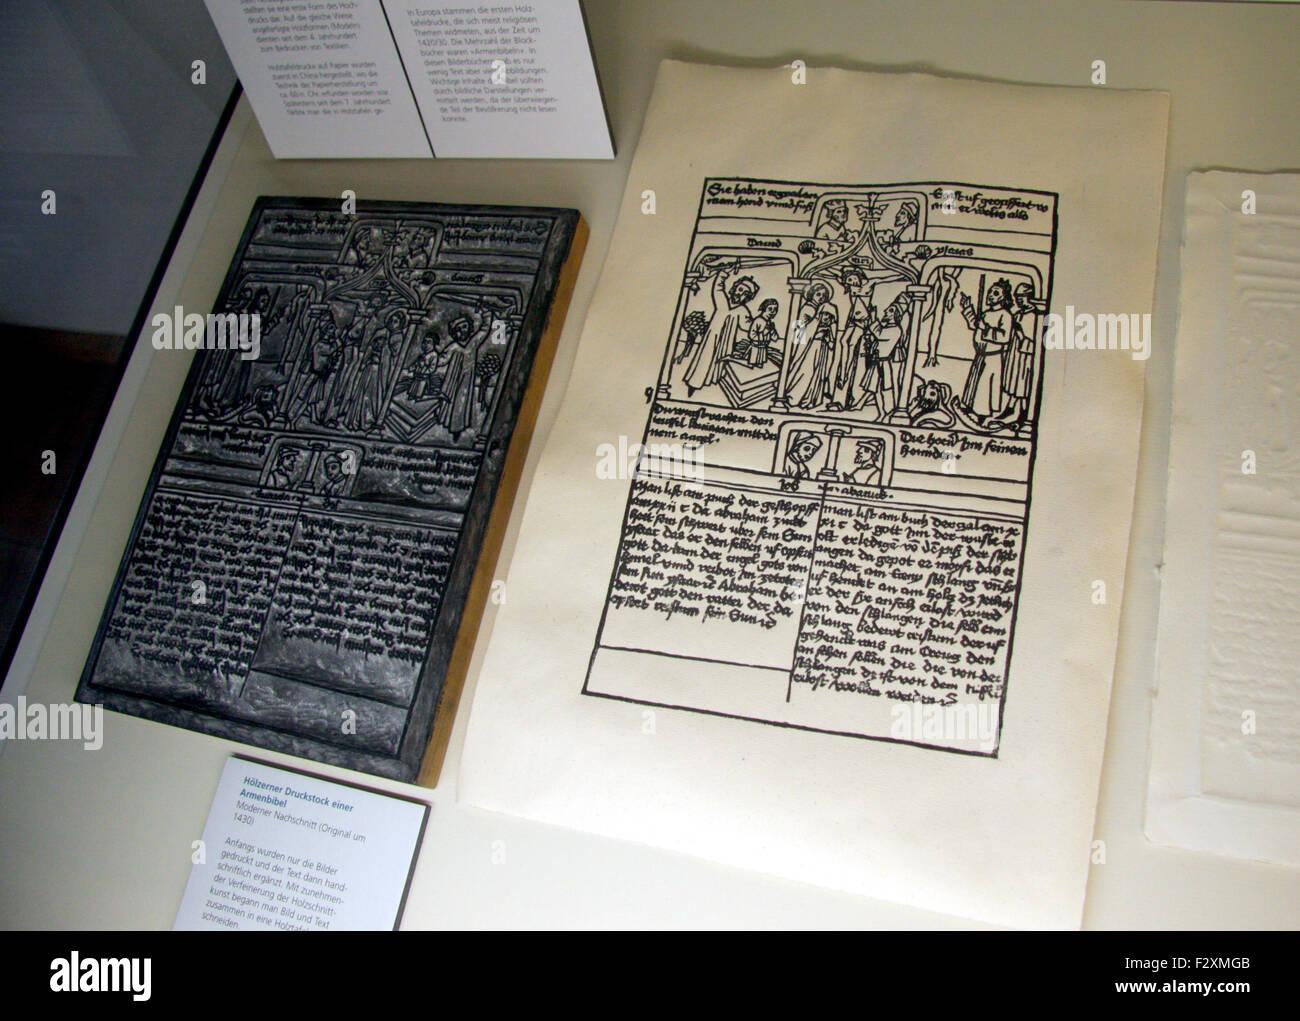 Historisches Buchdruck Beispiel - Deutsches Technikmuseum Berlin-Kreuzberg. Stockbild